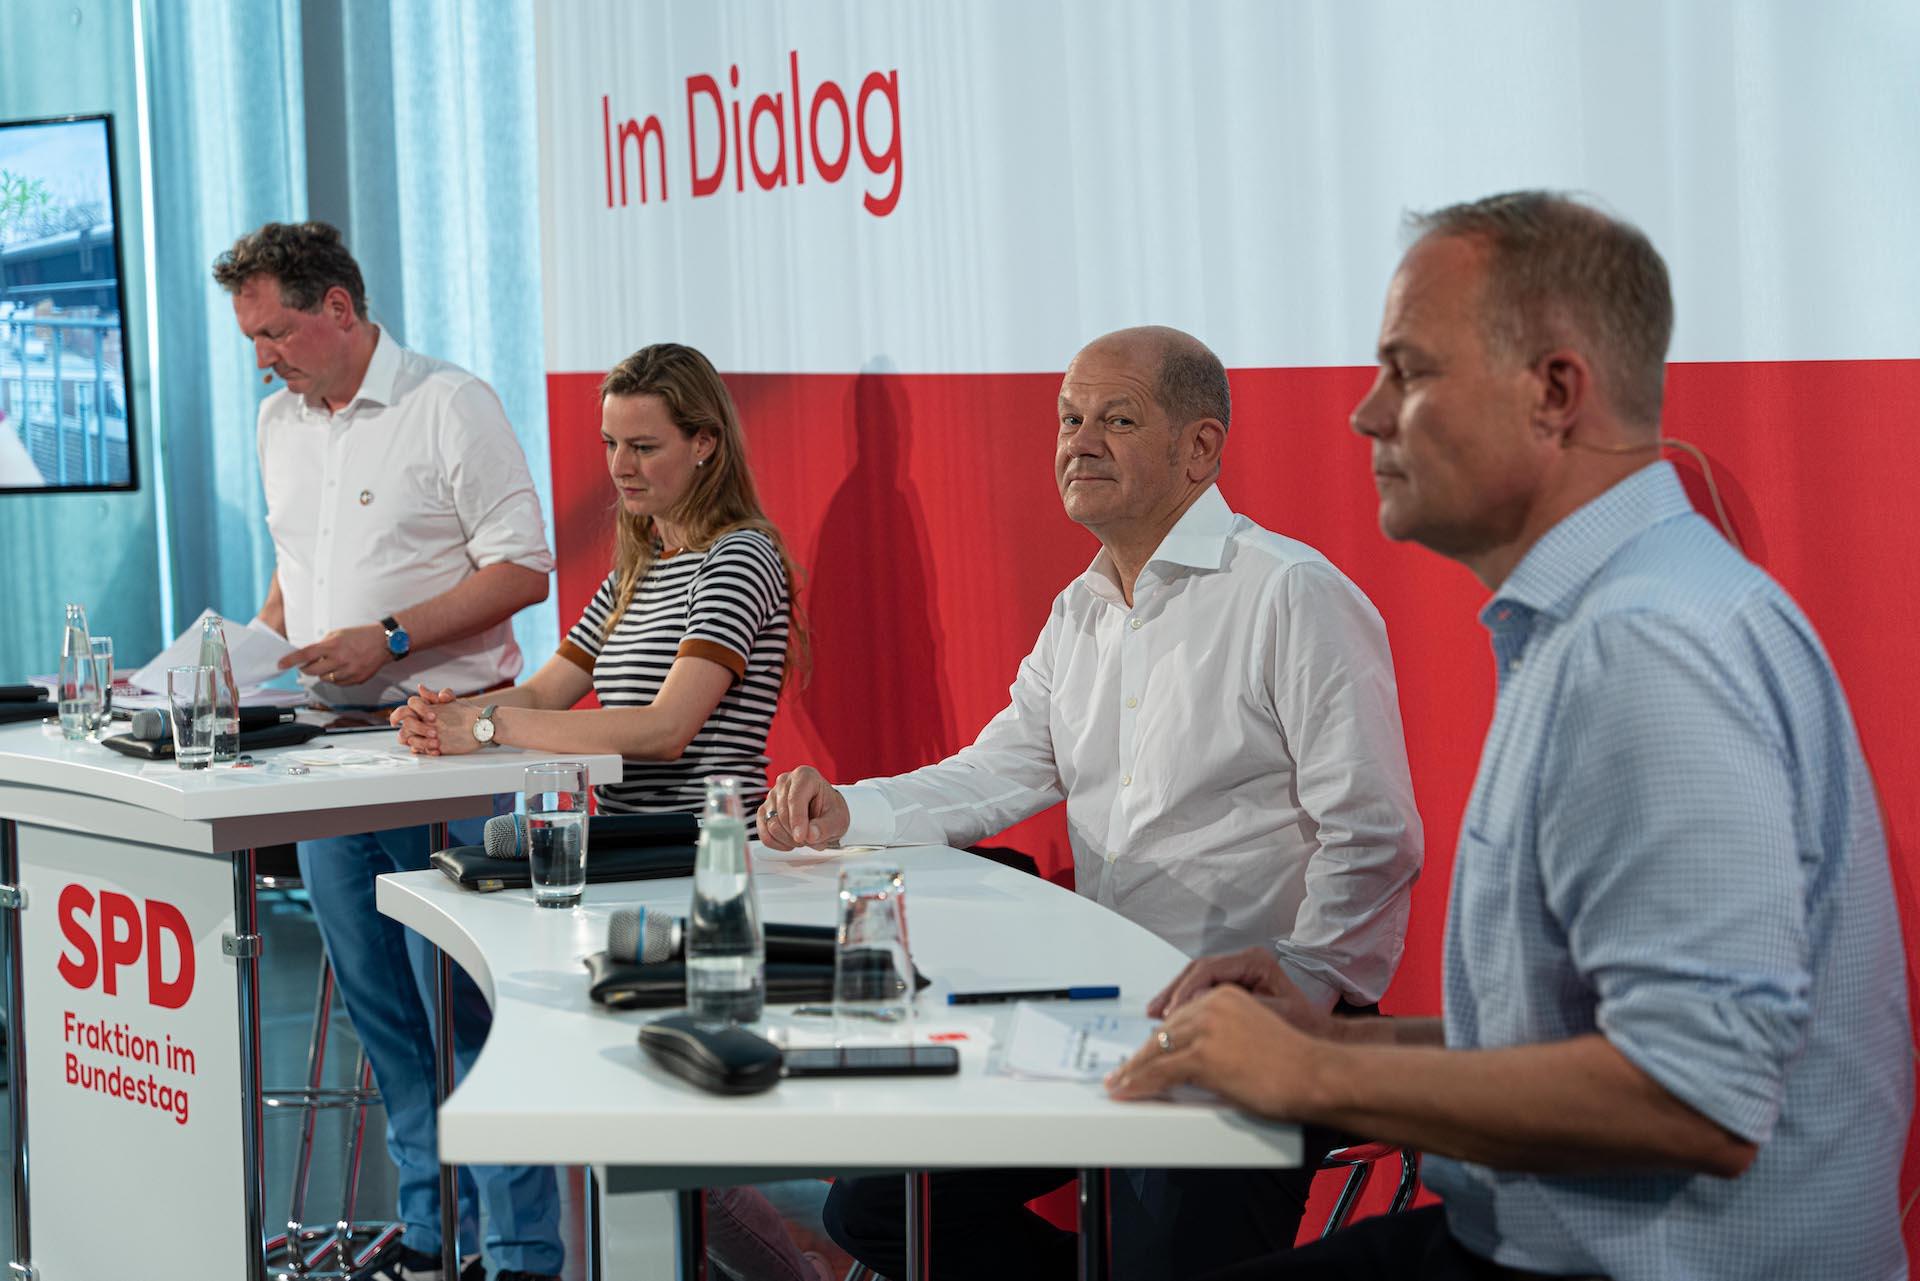 """Foto der Diskussionsrunde beim Panel """"Auf dem Weg nach Glasgow – Sind wir noch zu retten?"""". Im Hintergrund steht in roter Schrift """"Im Dialog"""""""